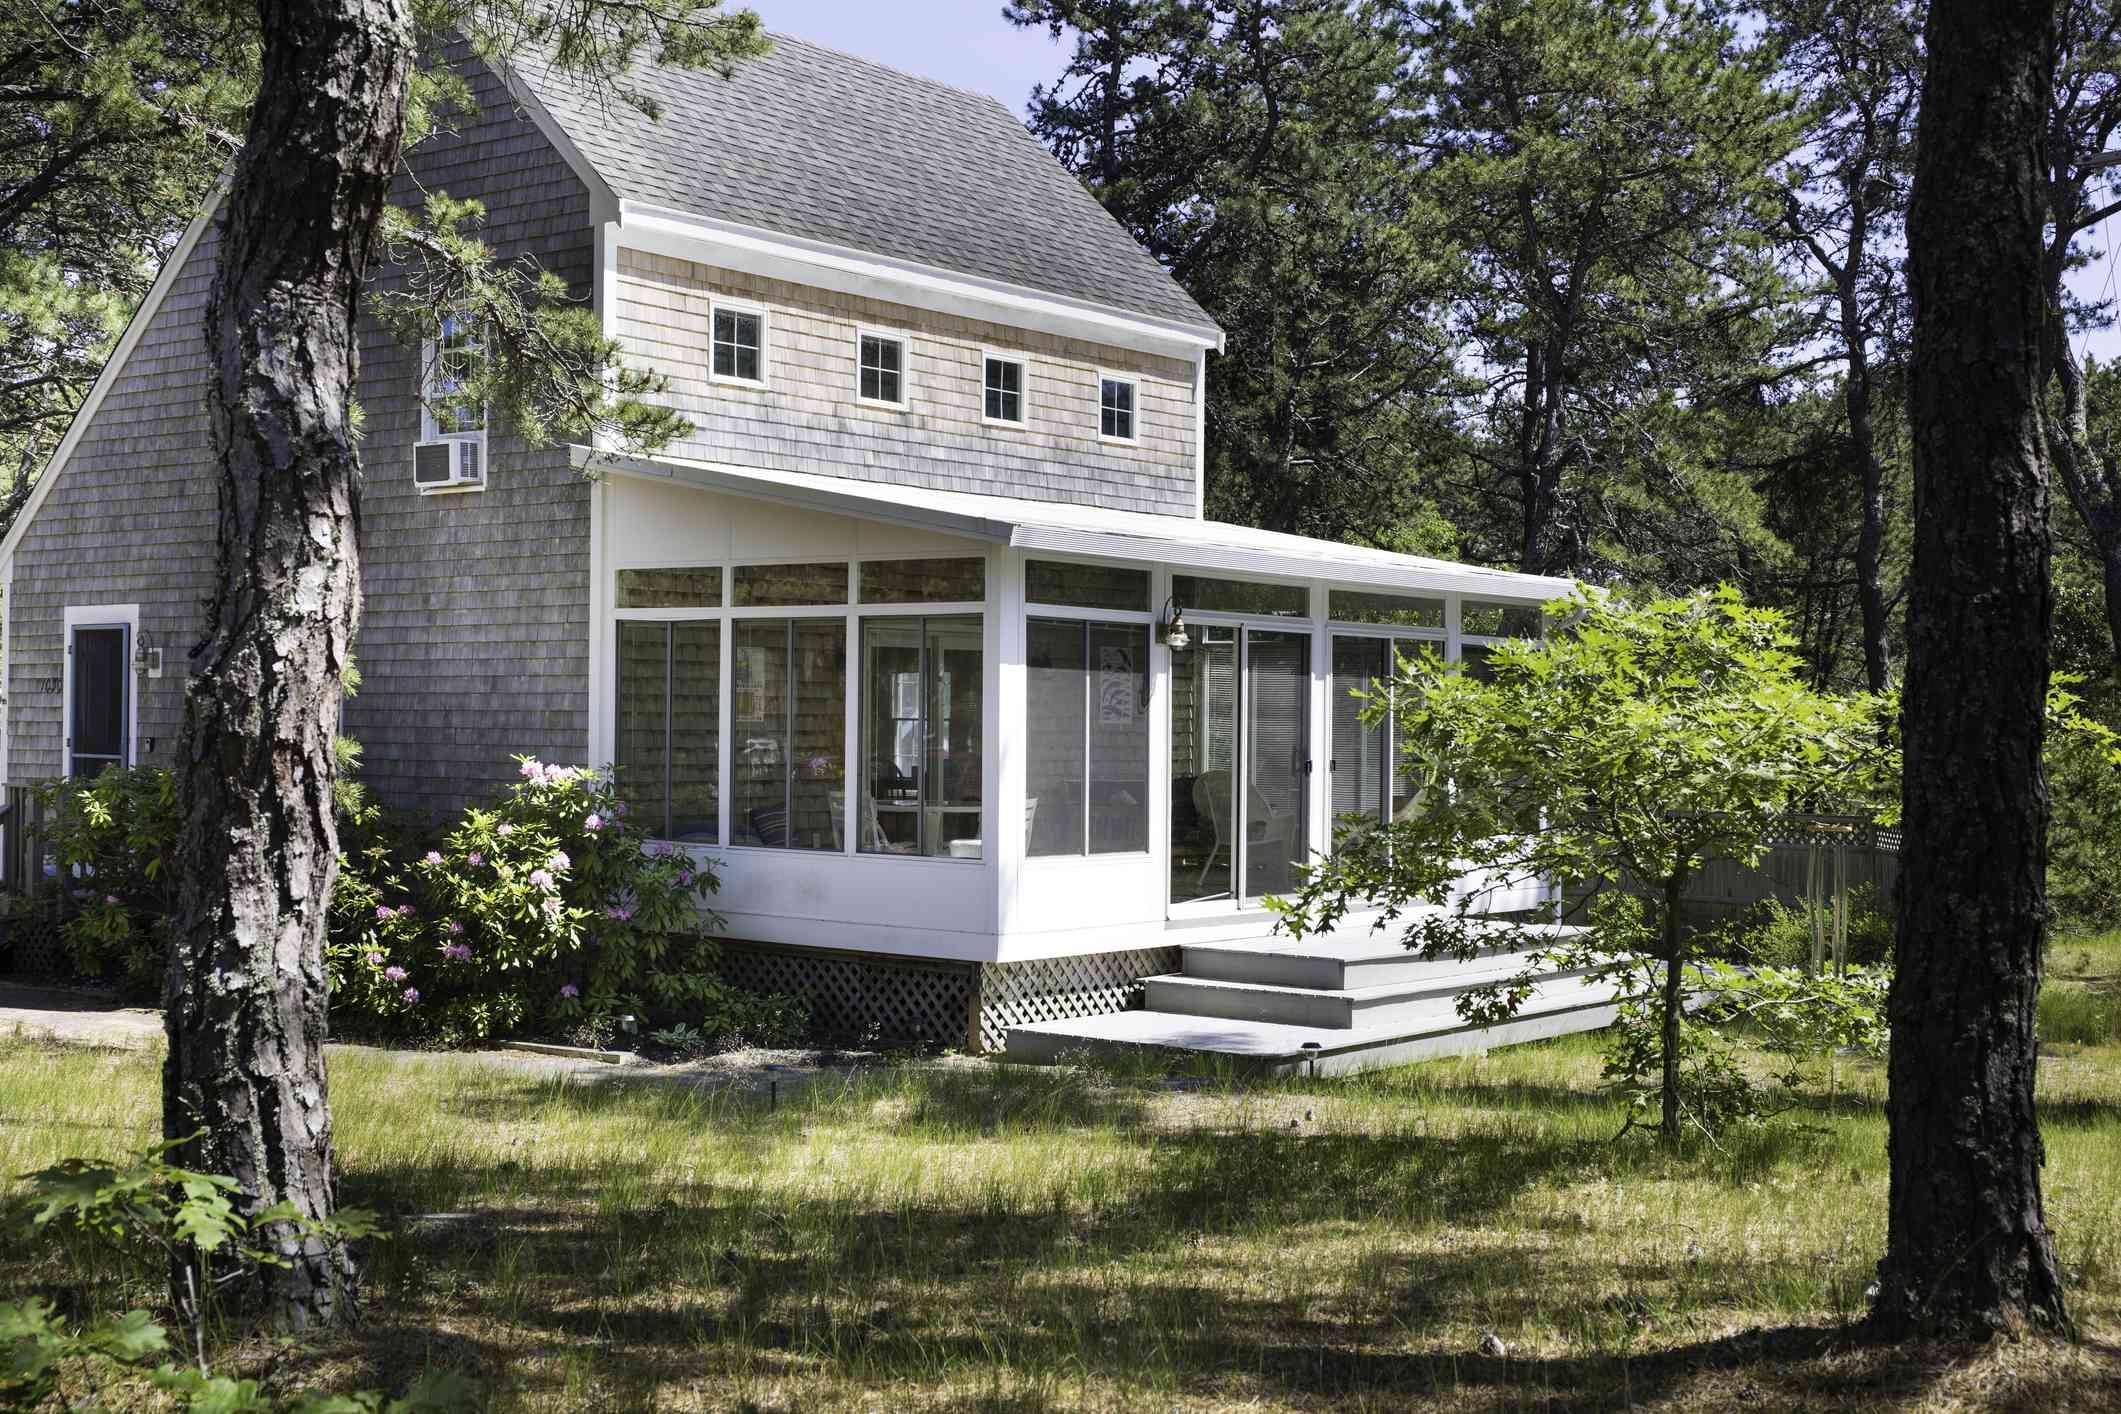 Terraza acristalada del porche trasero